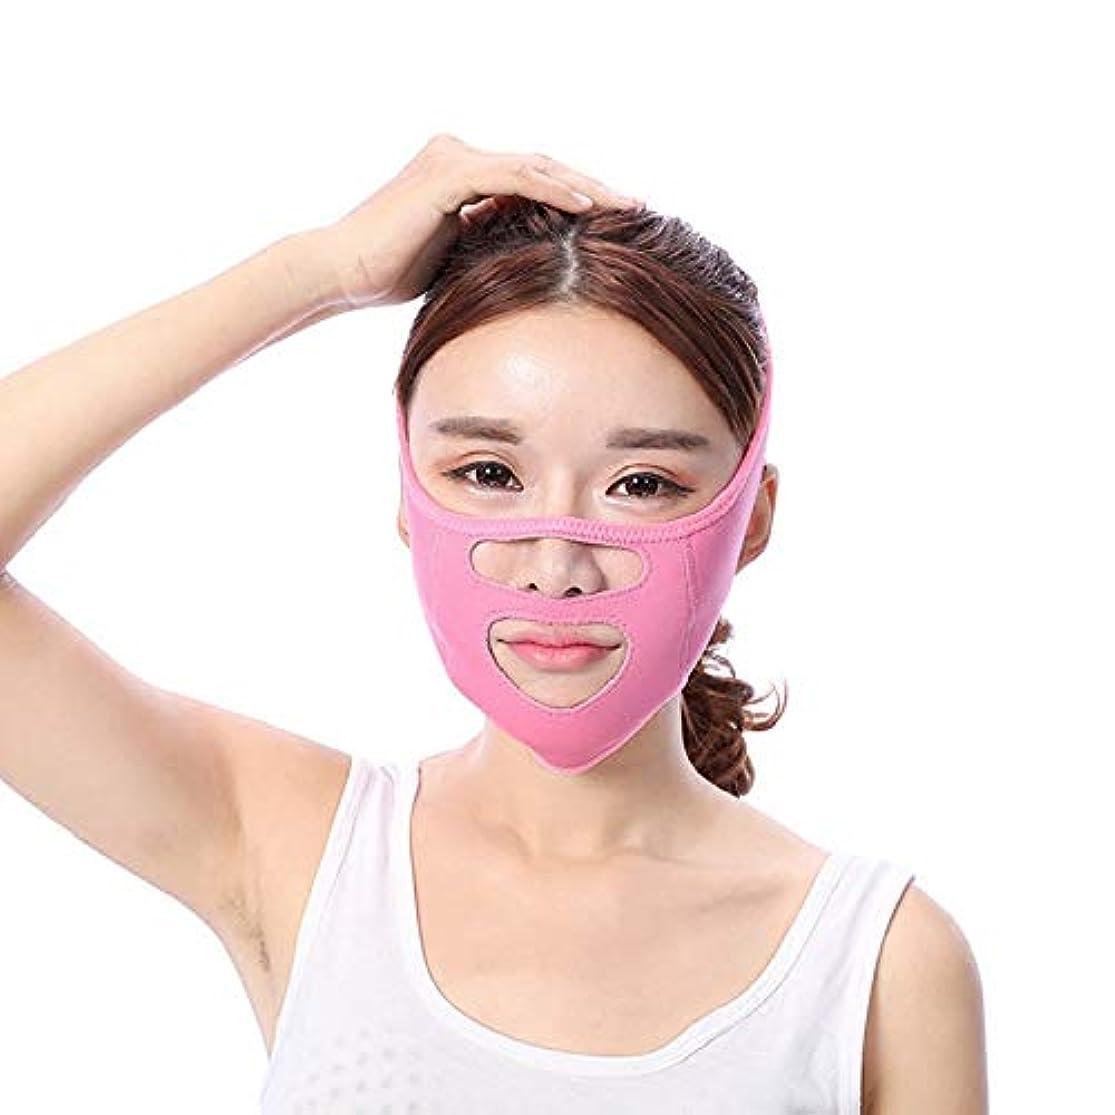 欠如多様な思想XINGZHE 顔の持ち上がる痩身ベルト - あなたの顔のための素晴らしいトレーニング二重あごのワークアウトフェイスマスクベルト薄い顔包帯整形マスクは顔と首を締めますフェイススリム フェイスリフティングベルト